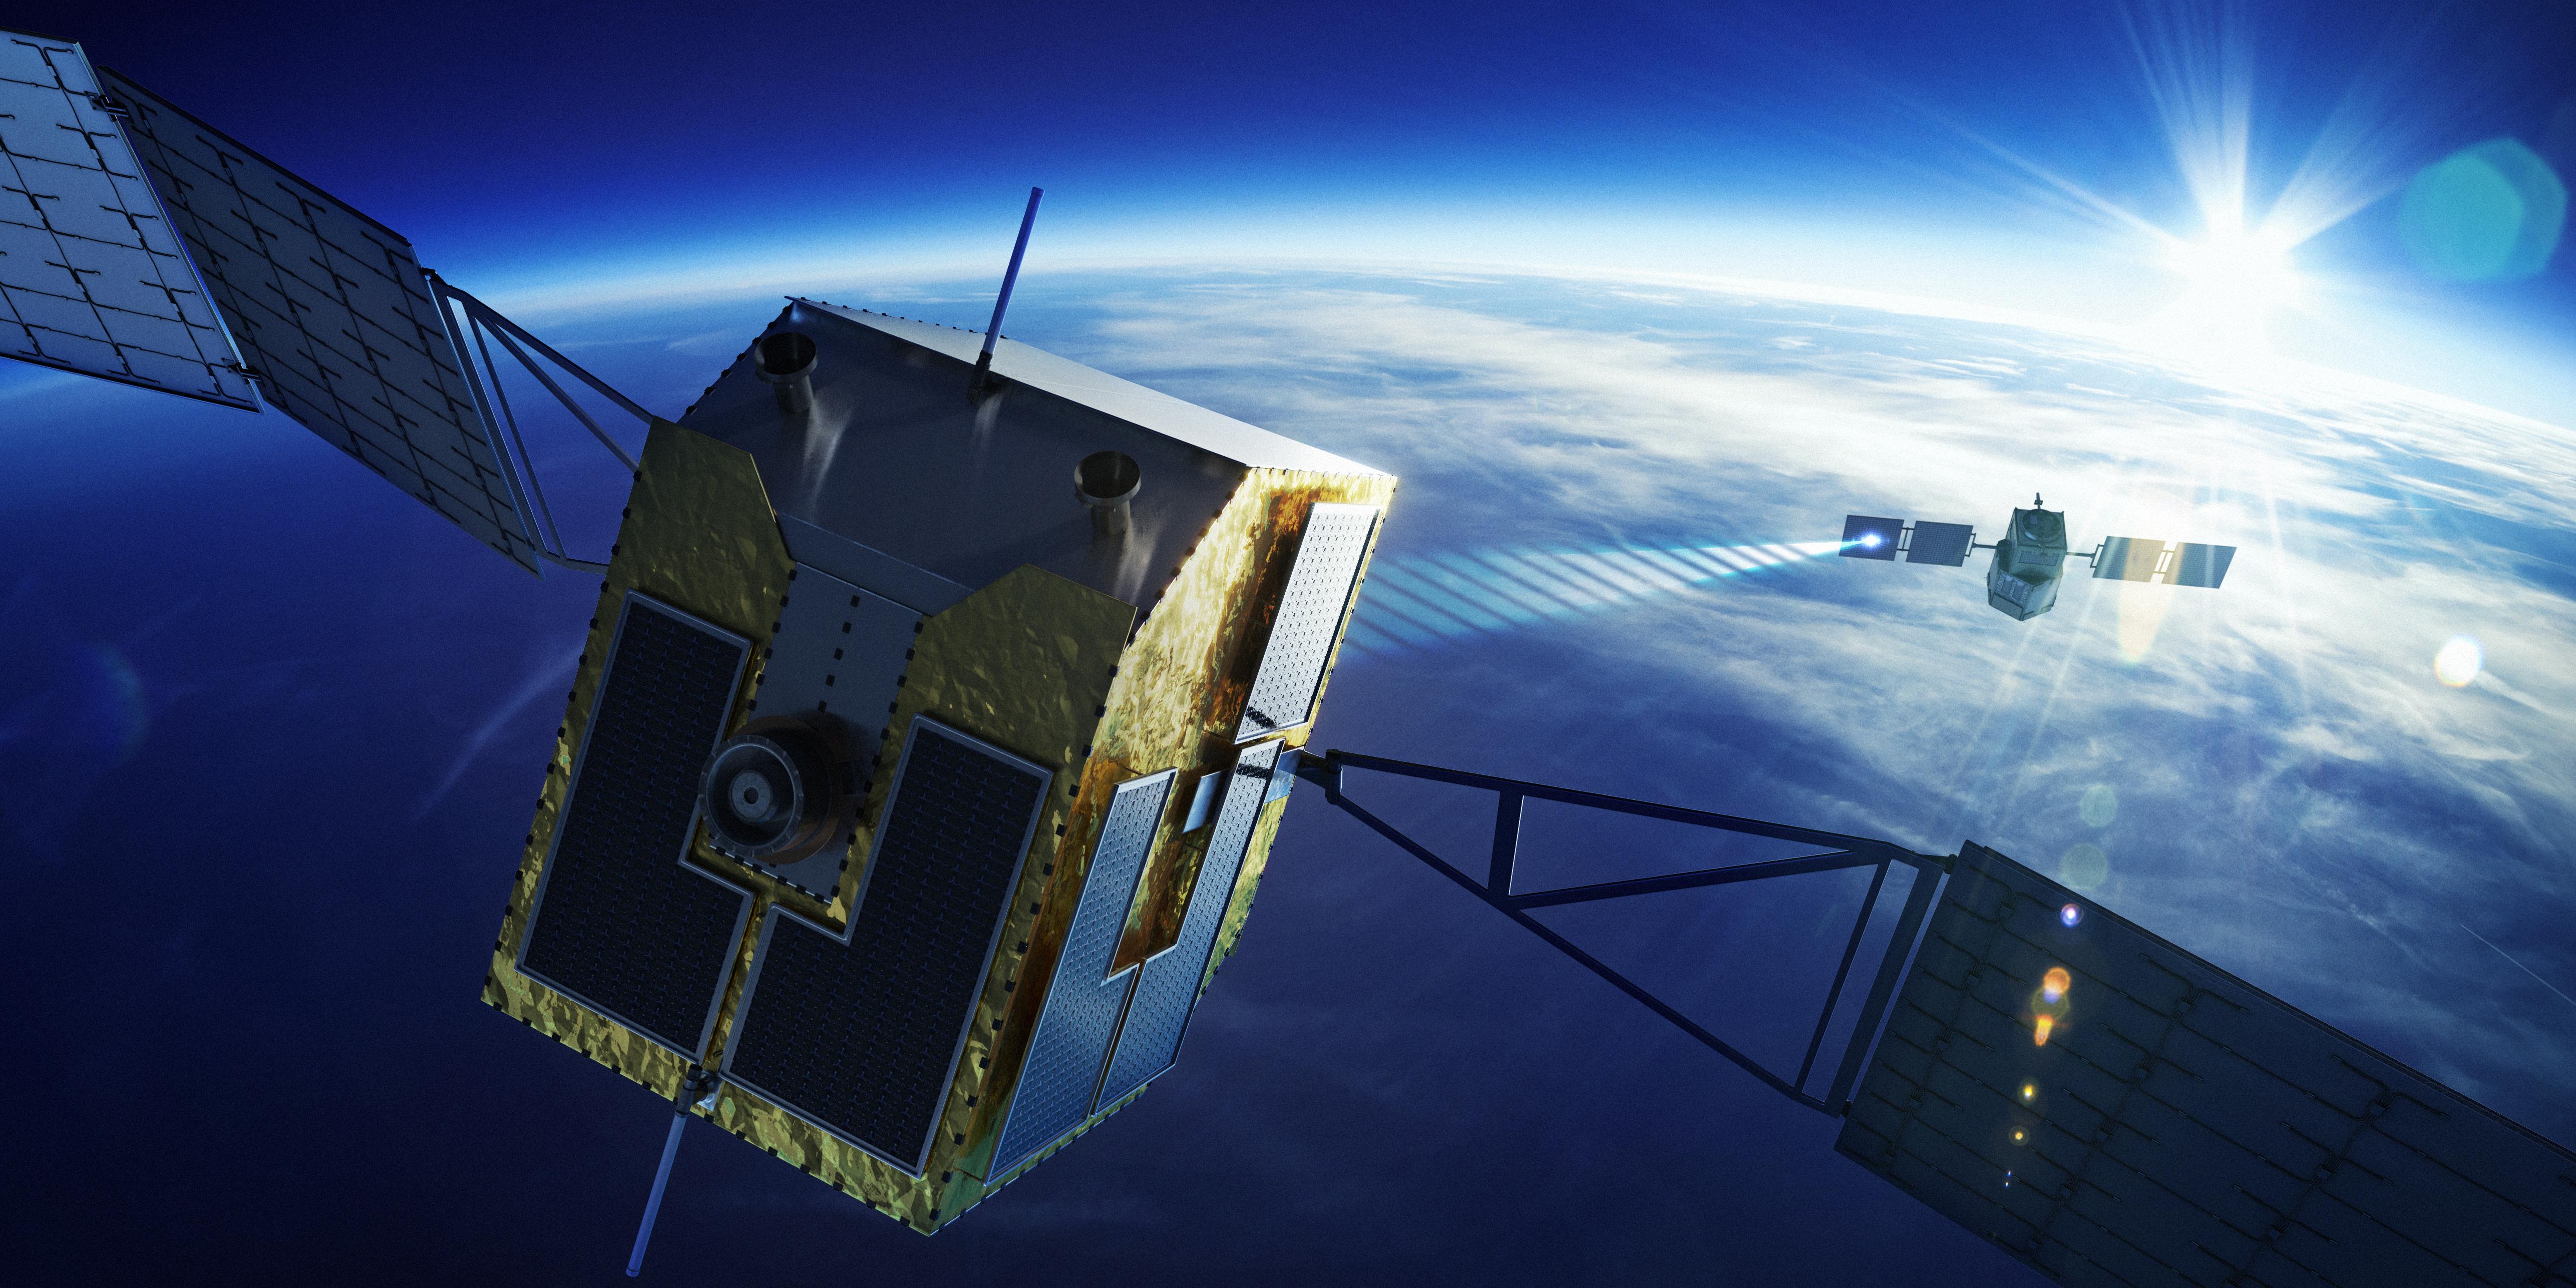 レーザーによる宇宙ごみ除去(イメージ) 提供:スカパーJSAT